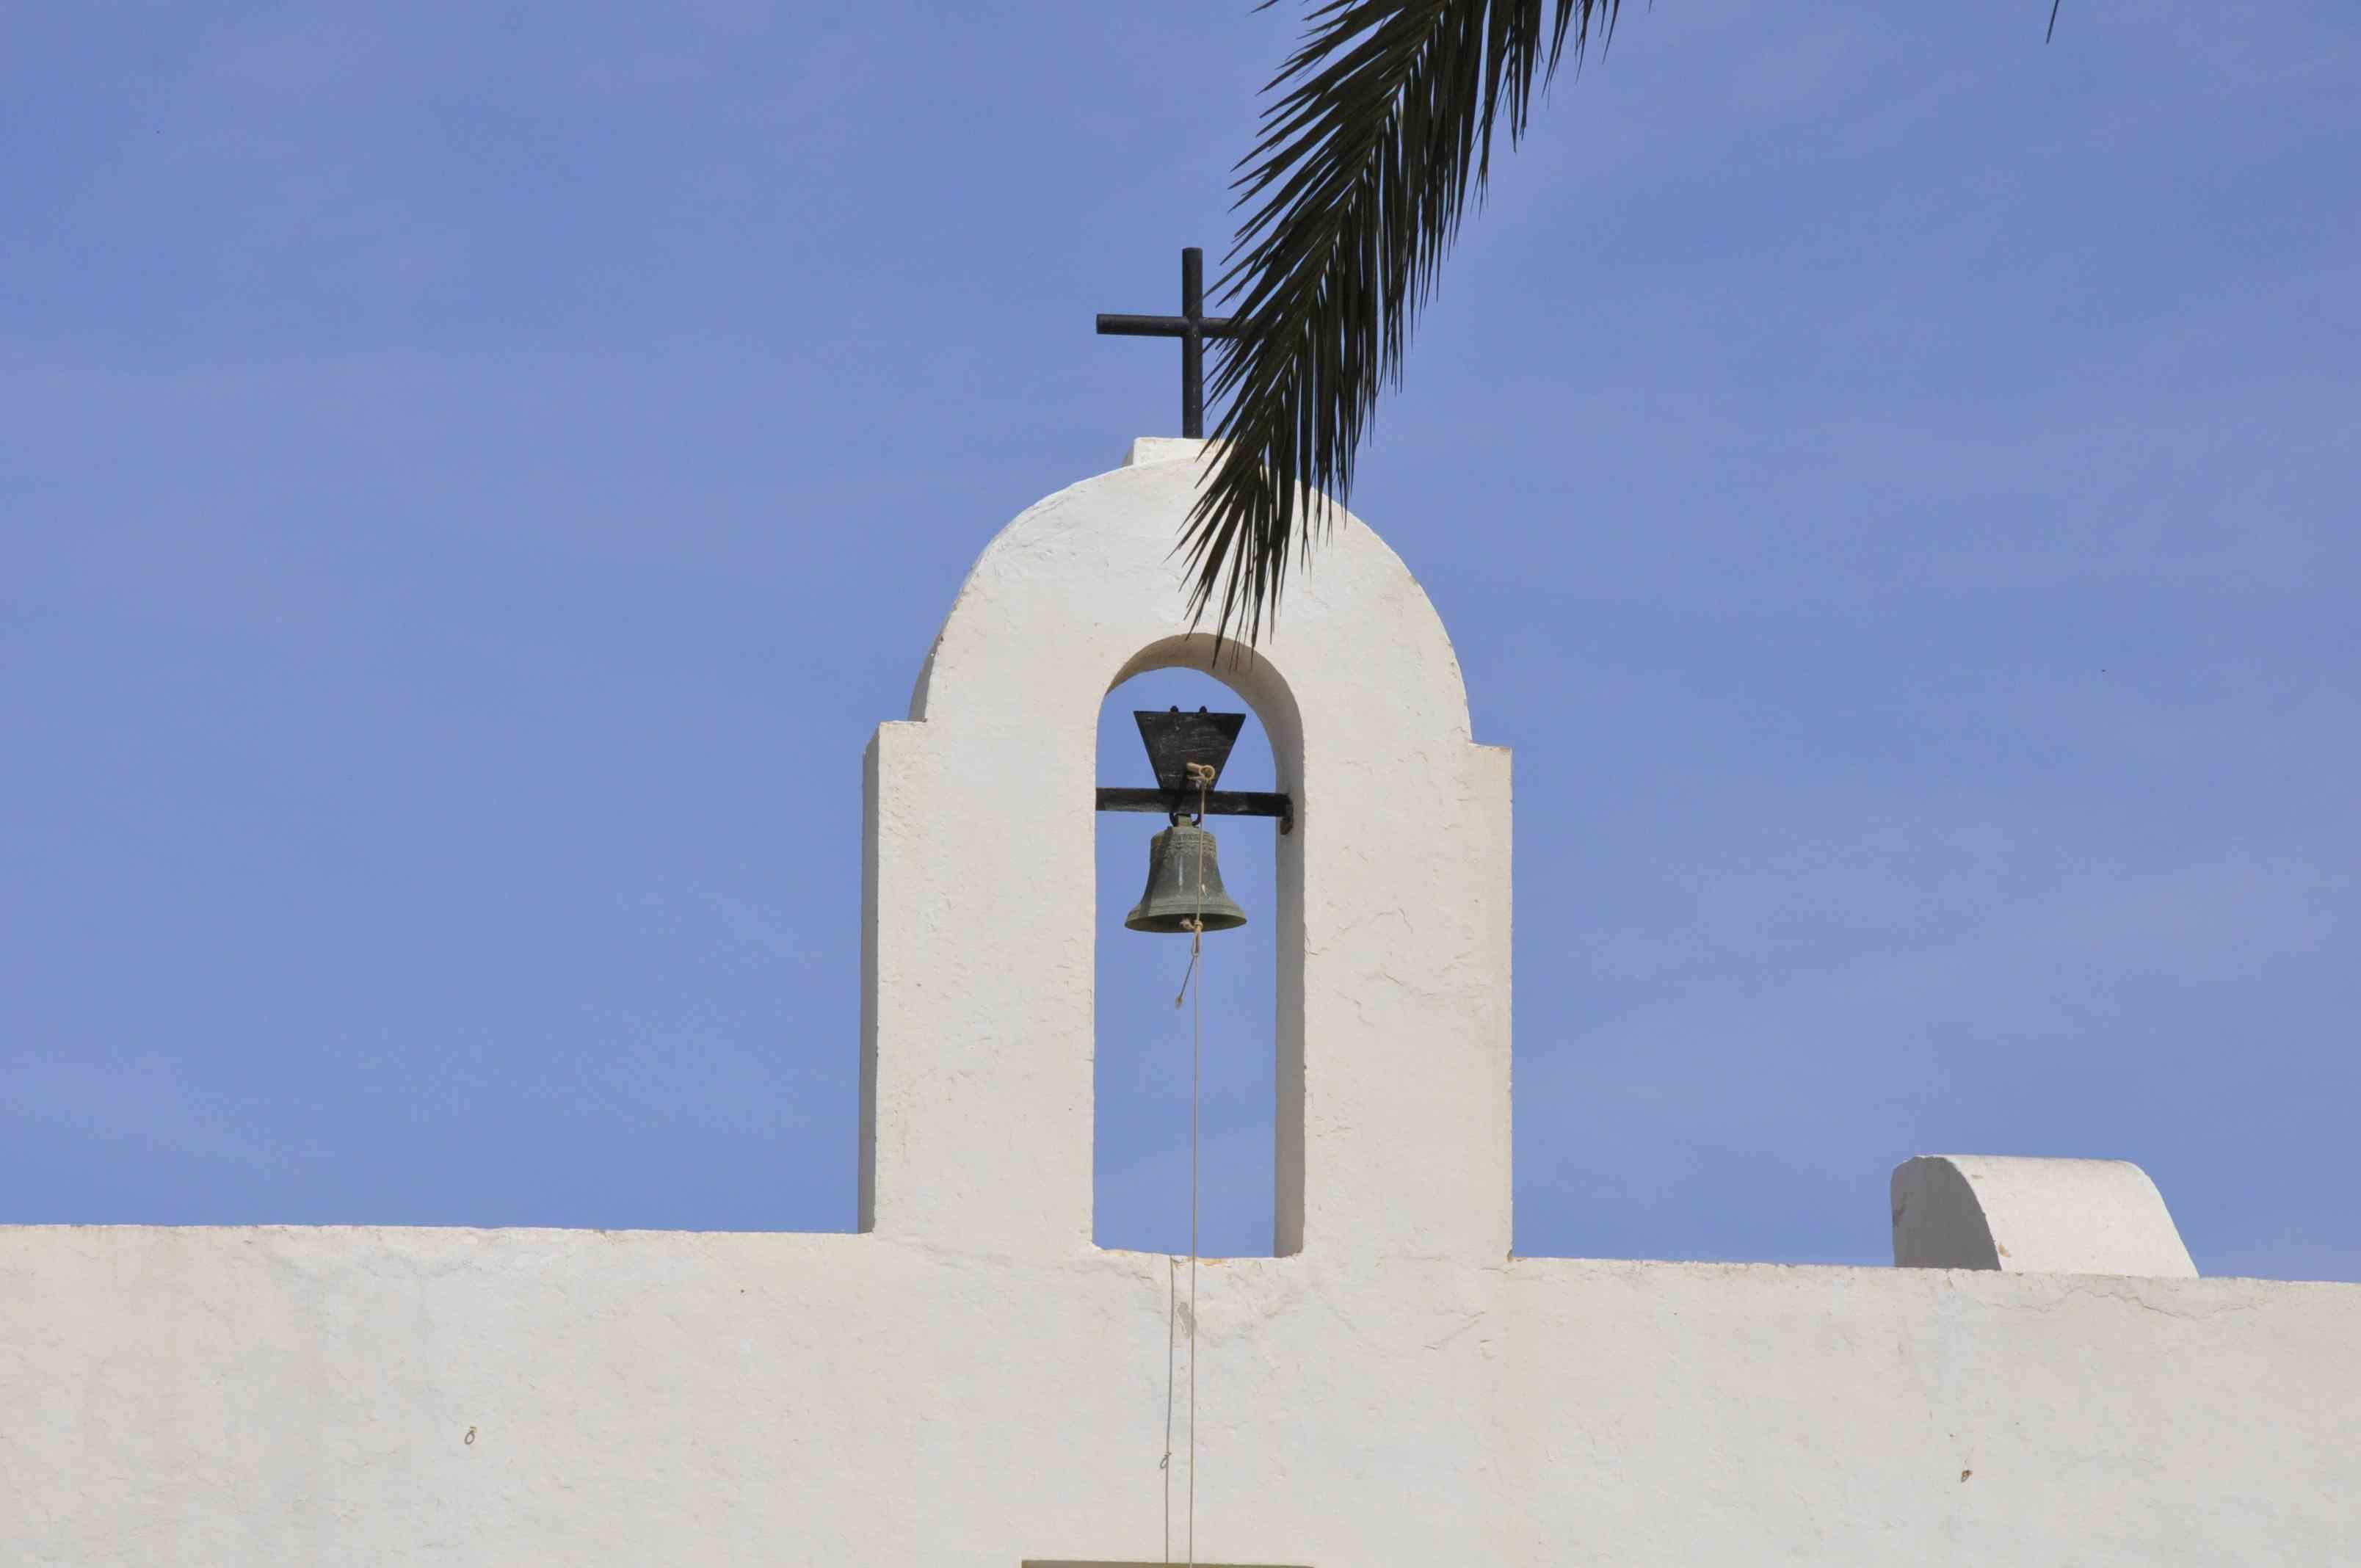 La Mola. Formentera by © Rocío Pastor Eugenio ® WOMANWORD